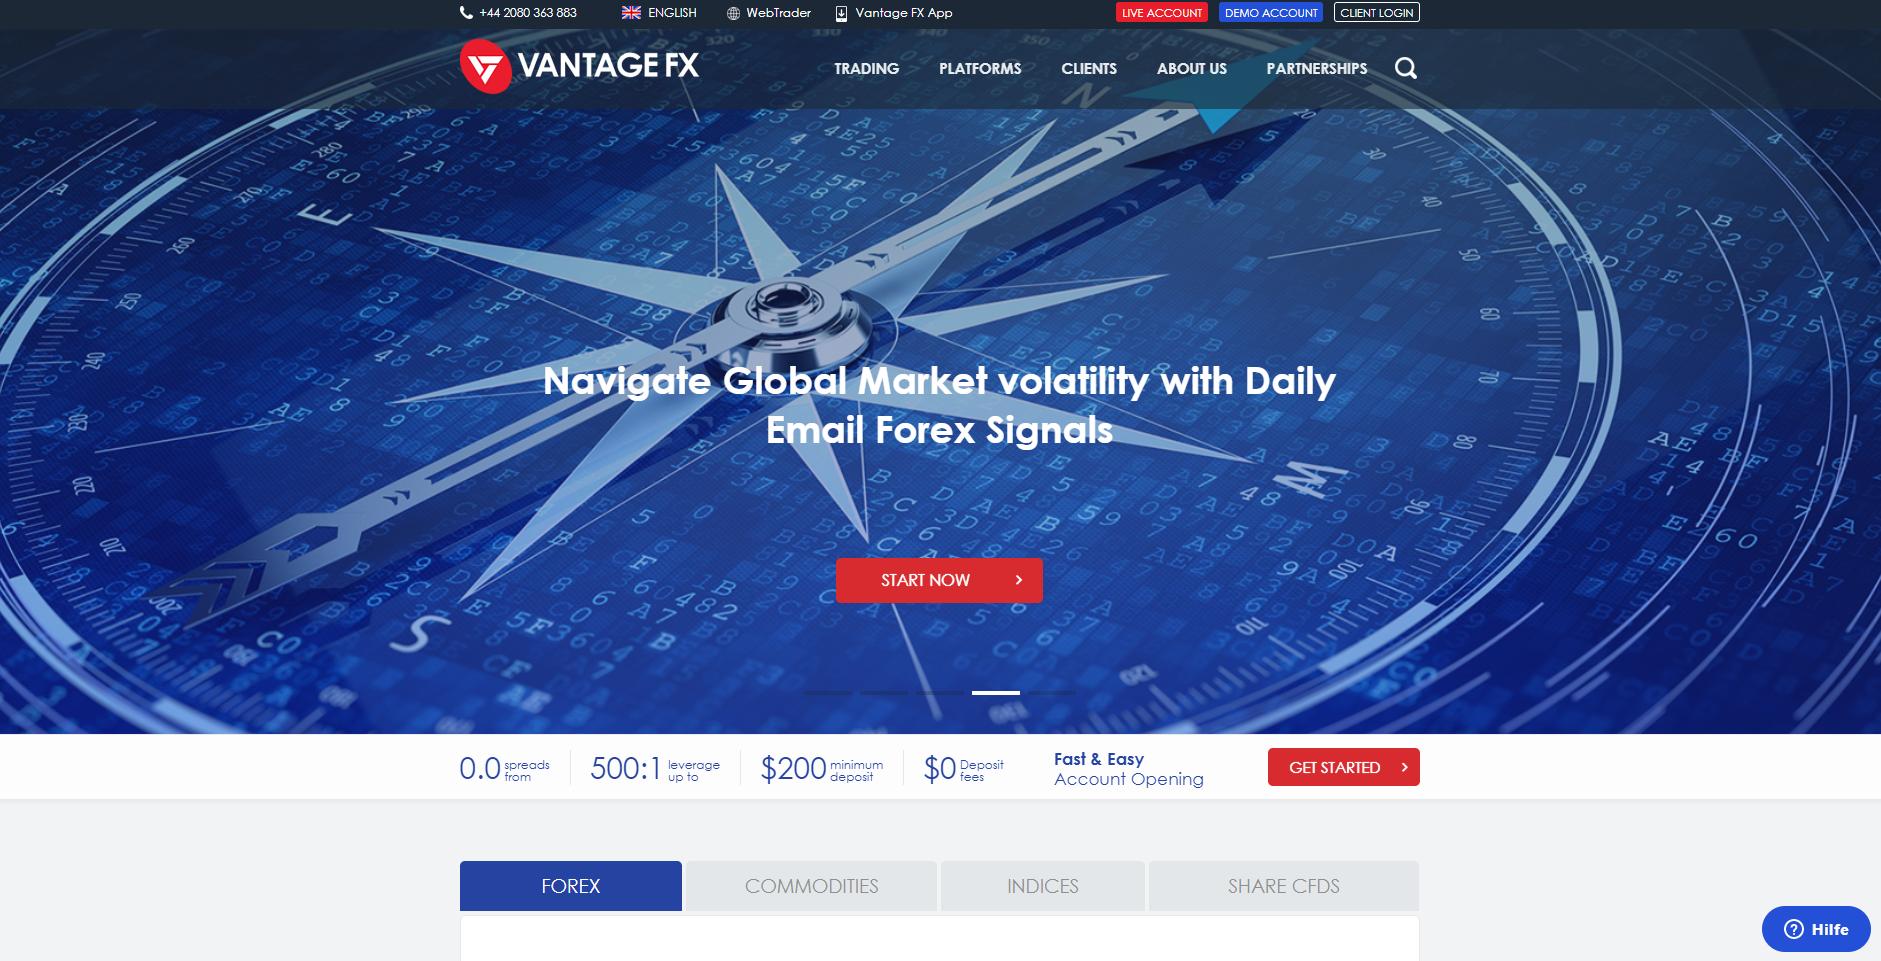 Vantage FX website